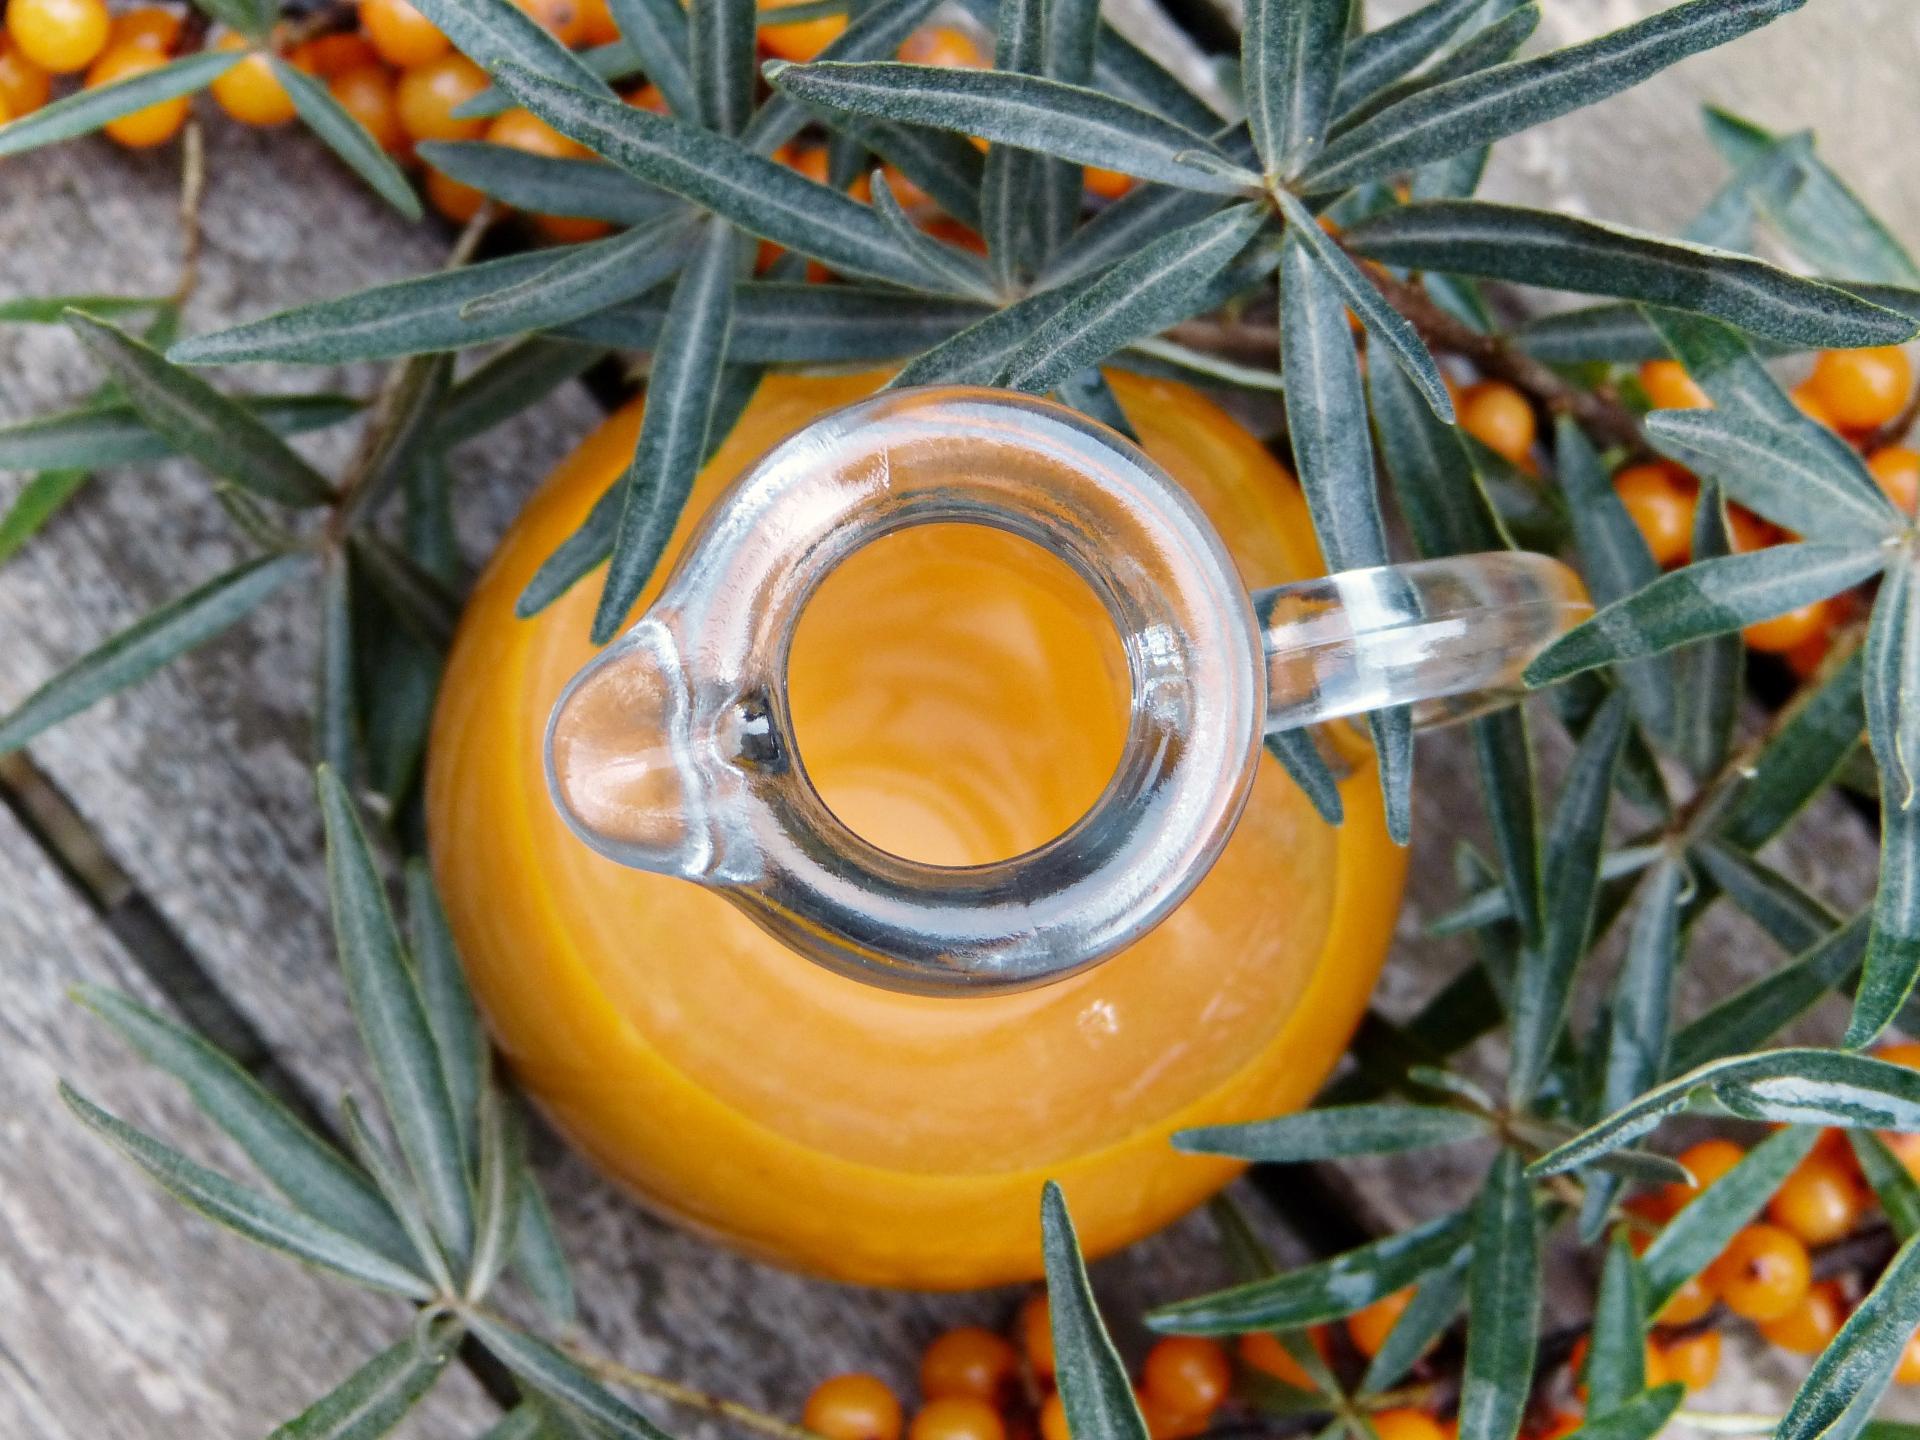 Sanddorn-Saft hat eine kräftige Farbe und viel Vitamin C. - Photocredit: pixabay.com/silviarita